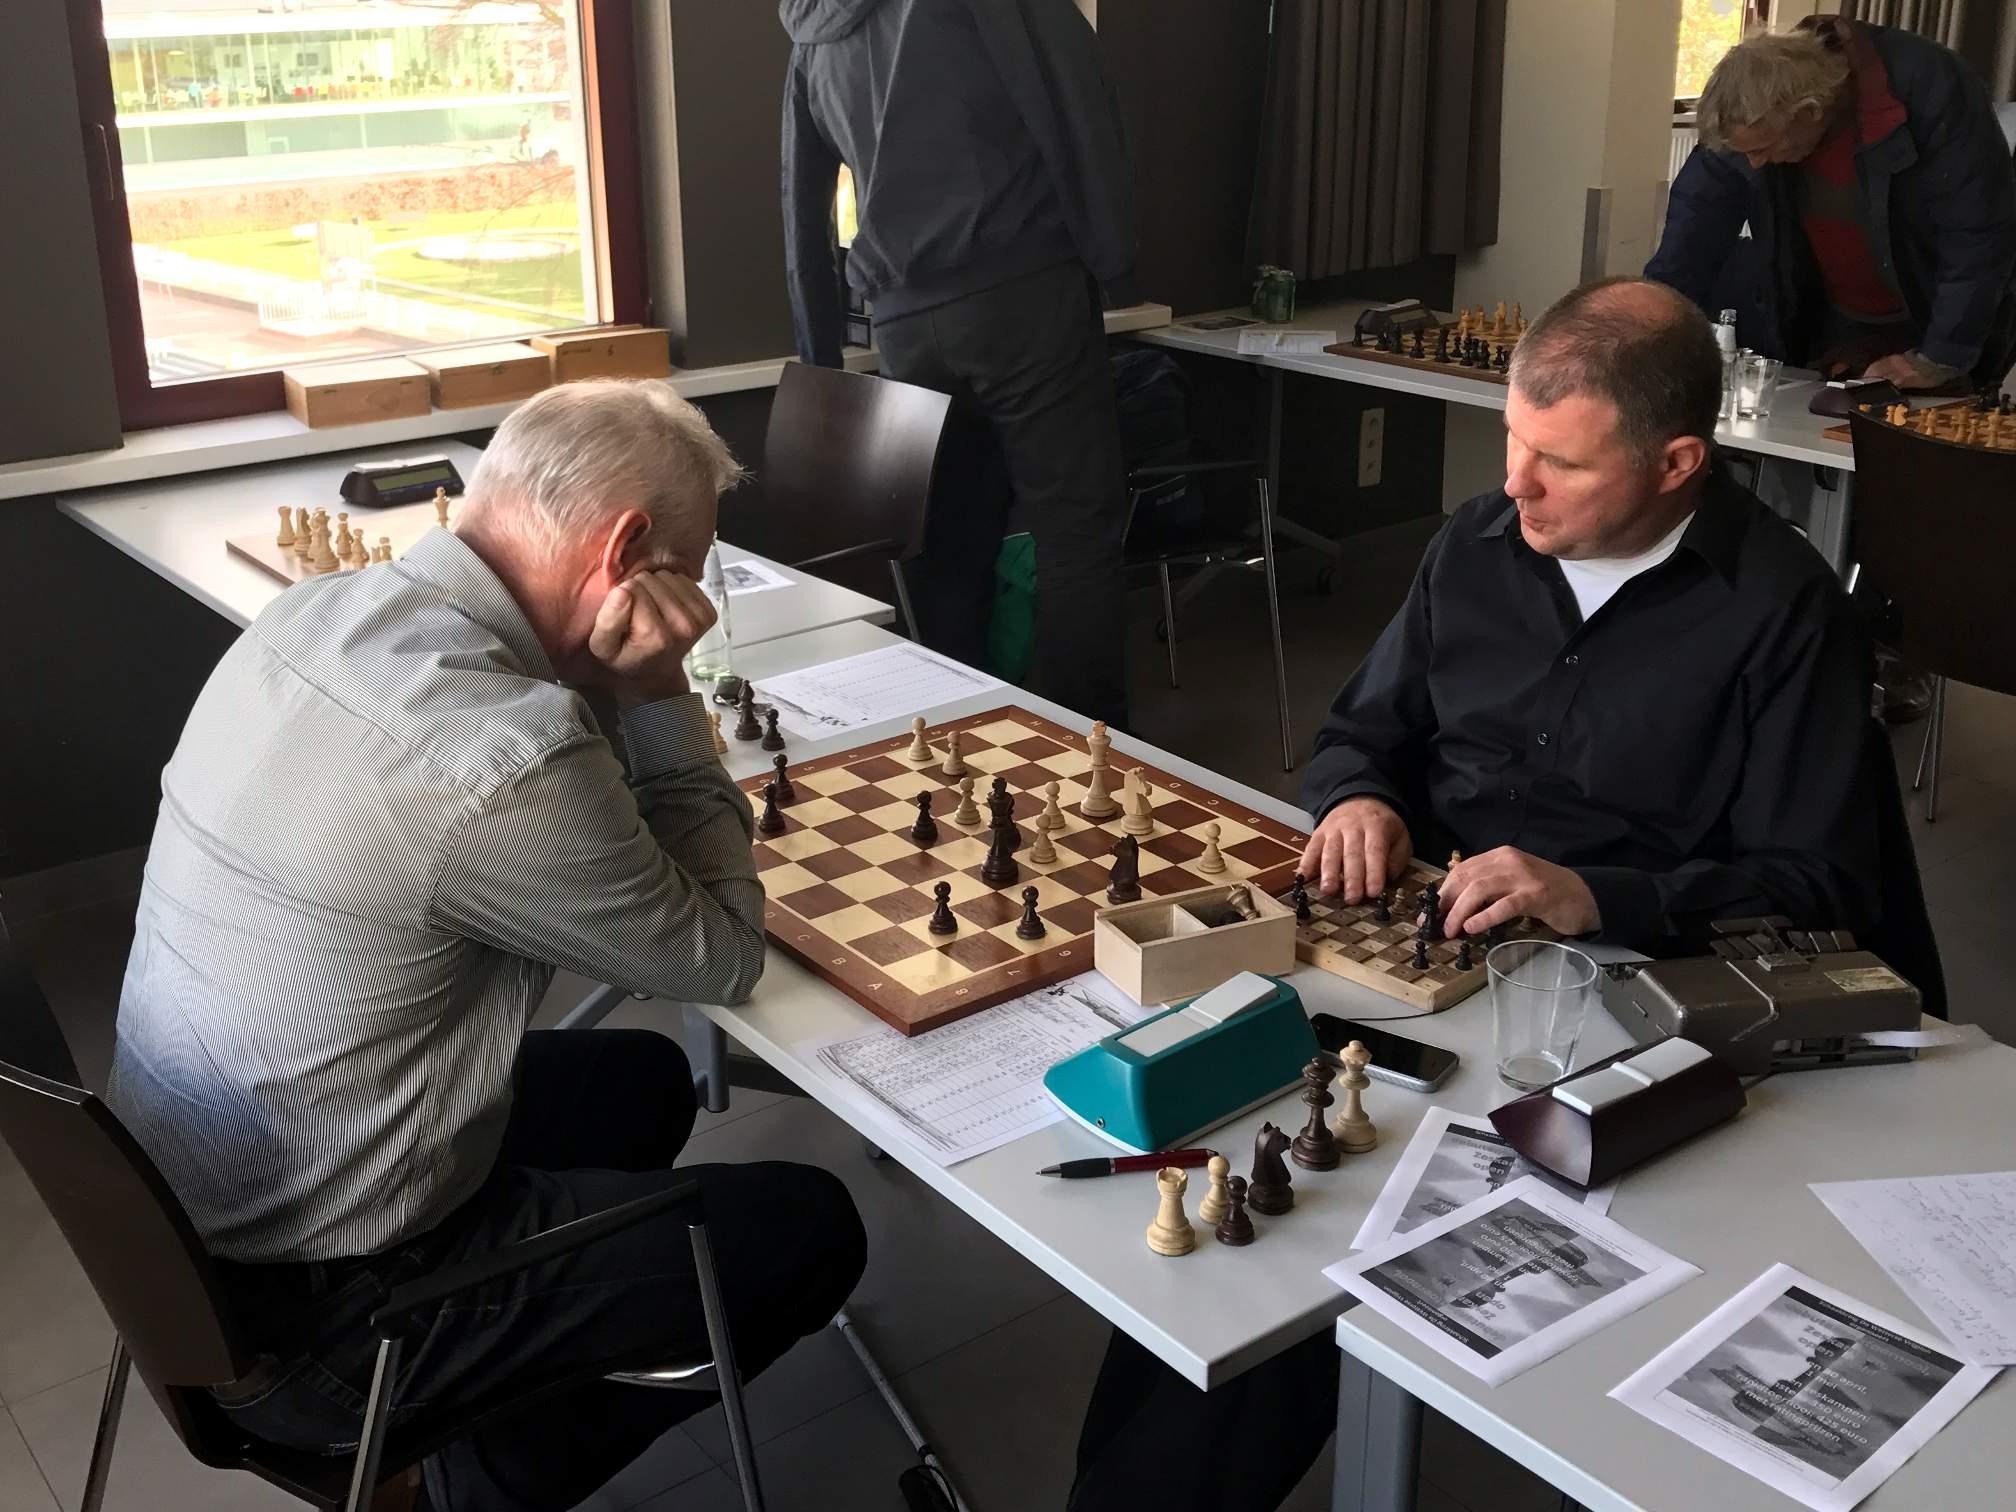 foto Geert M. met zijn tegenstander